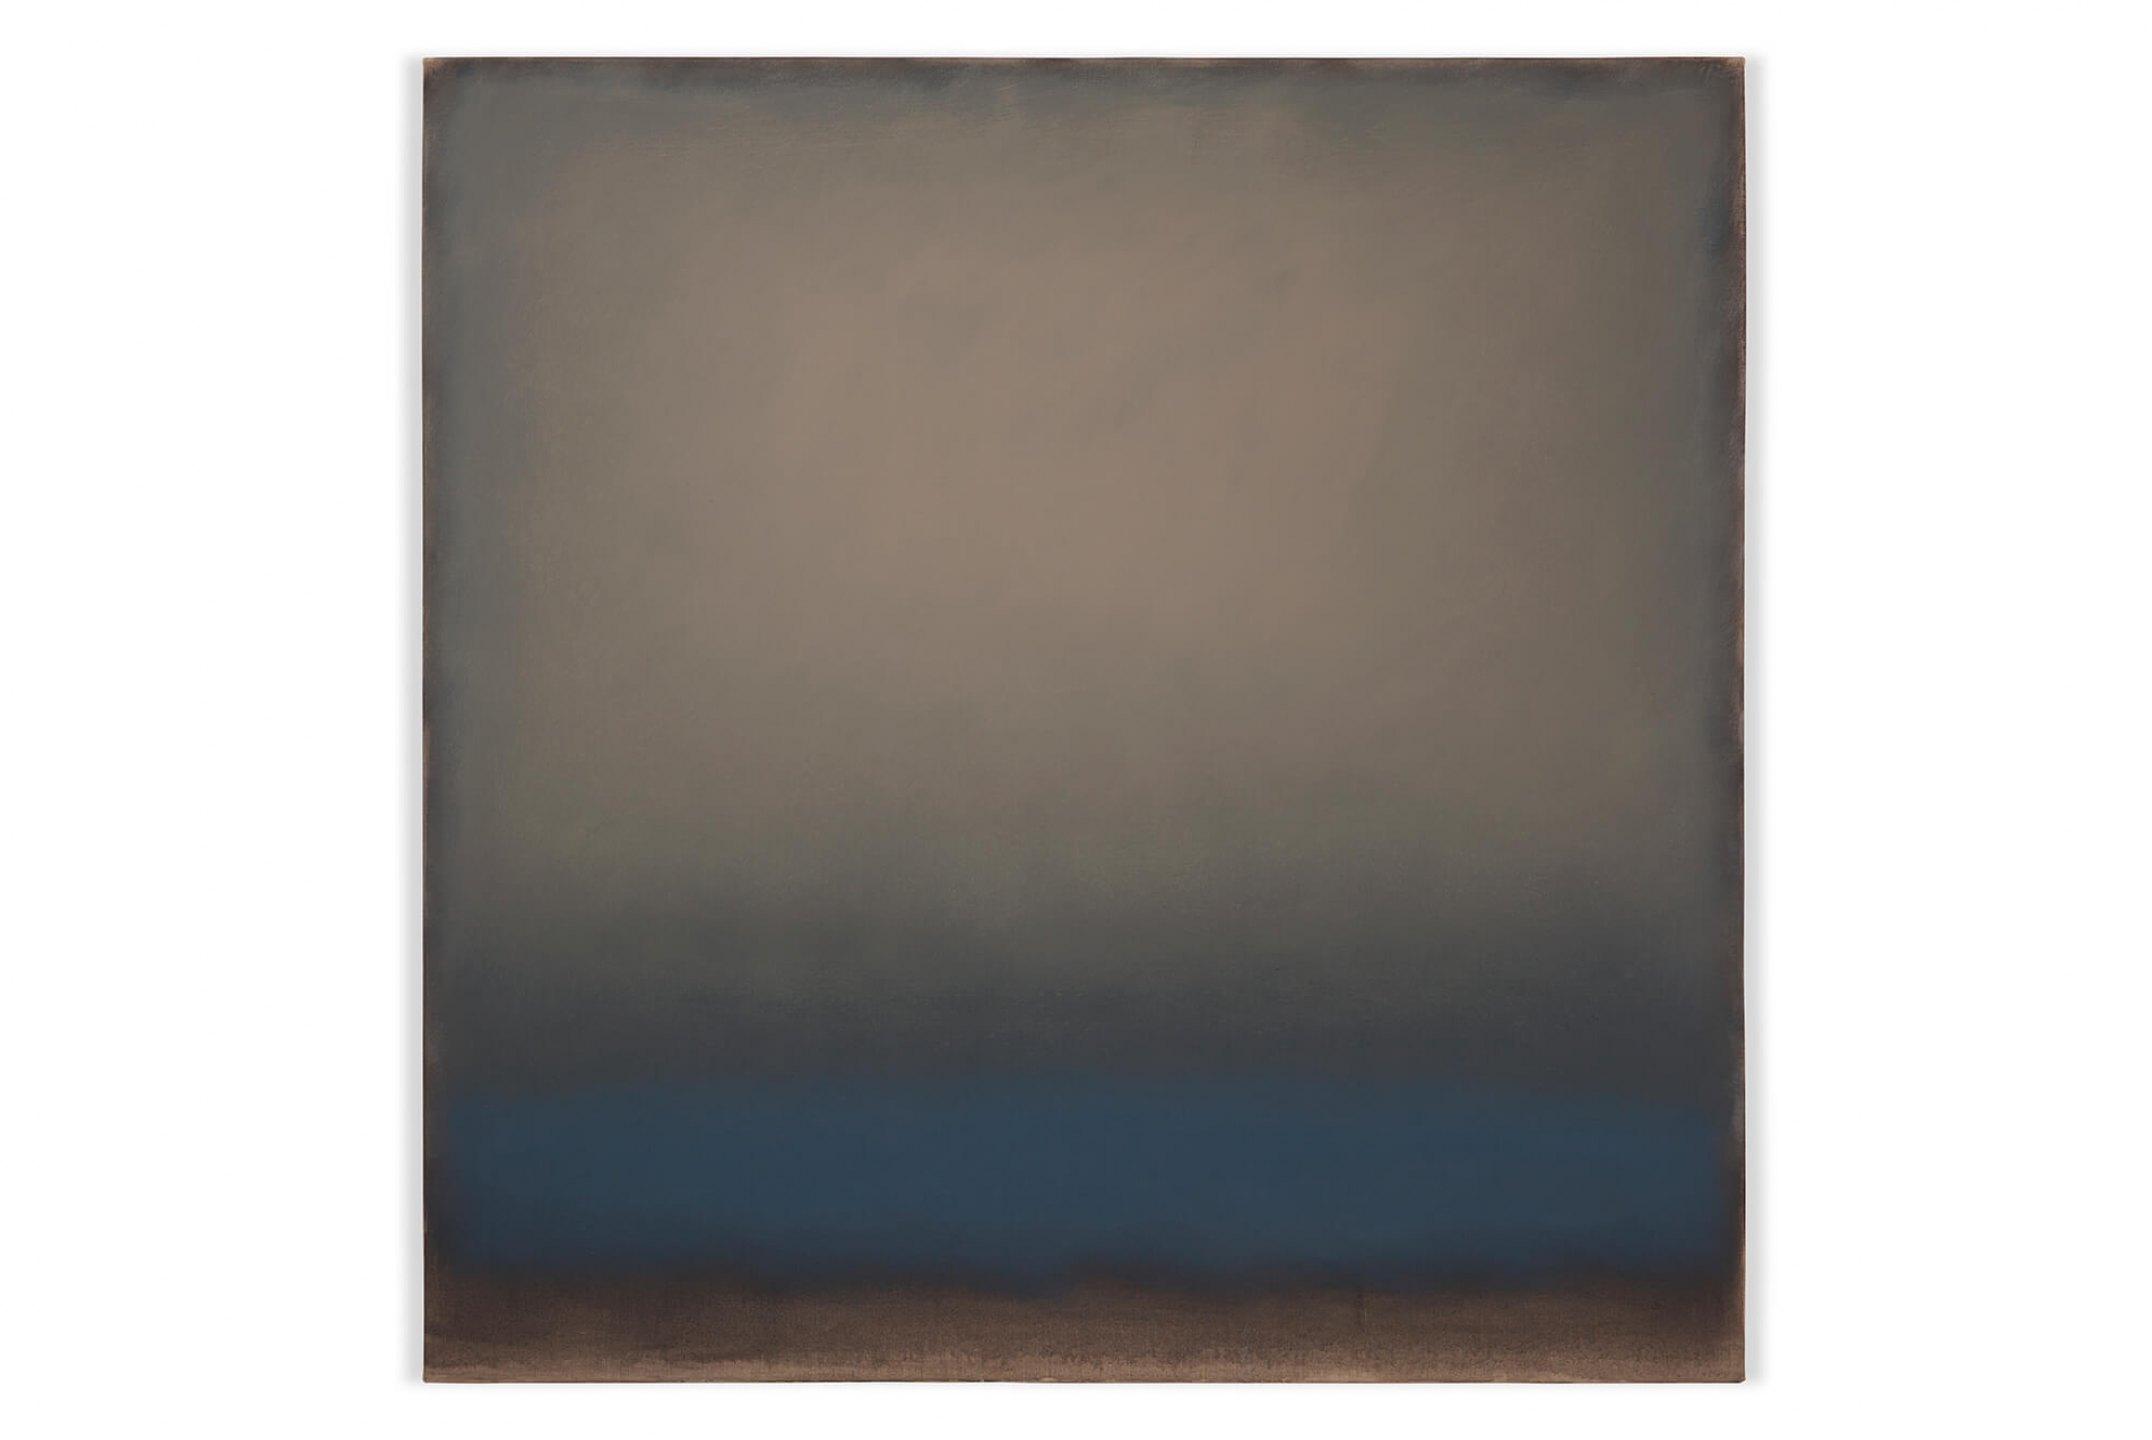 Lucas Arruda,&nbsp;<em>untitled,</em> 2014, oil on canvas, 100 × 100 cm - Mendes Wood DM